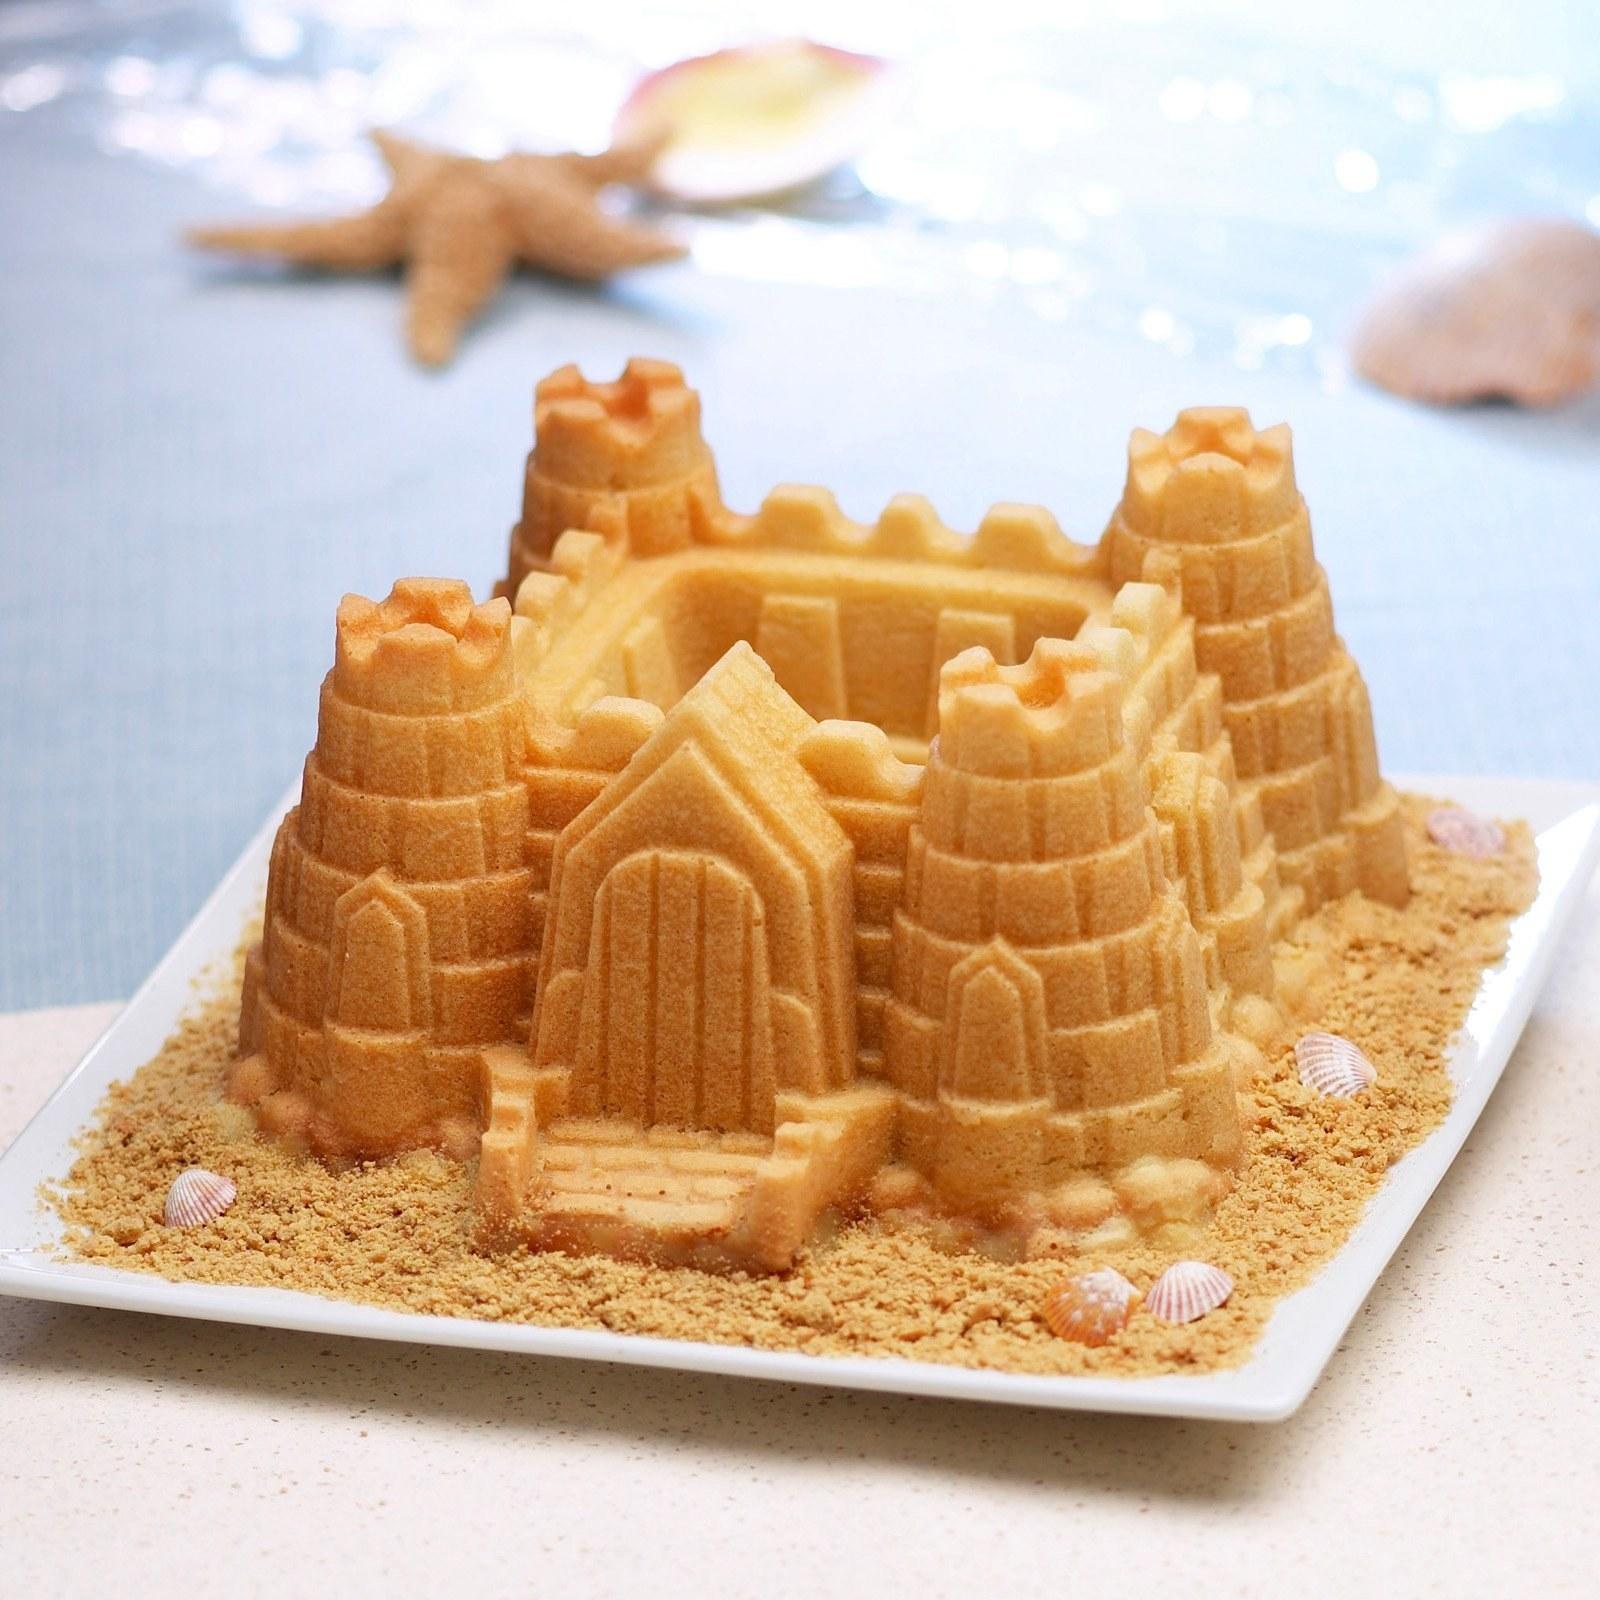 тортики из песка картинки заметили, фото есть